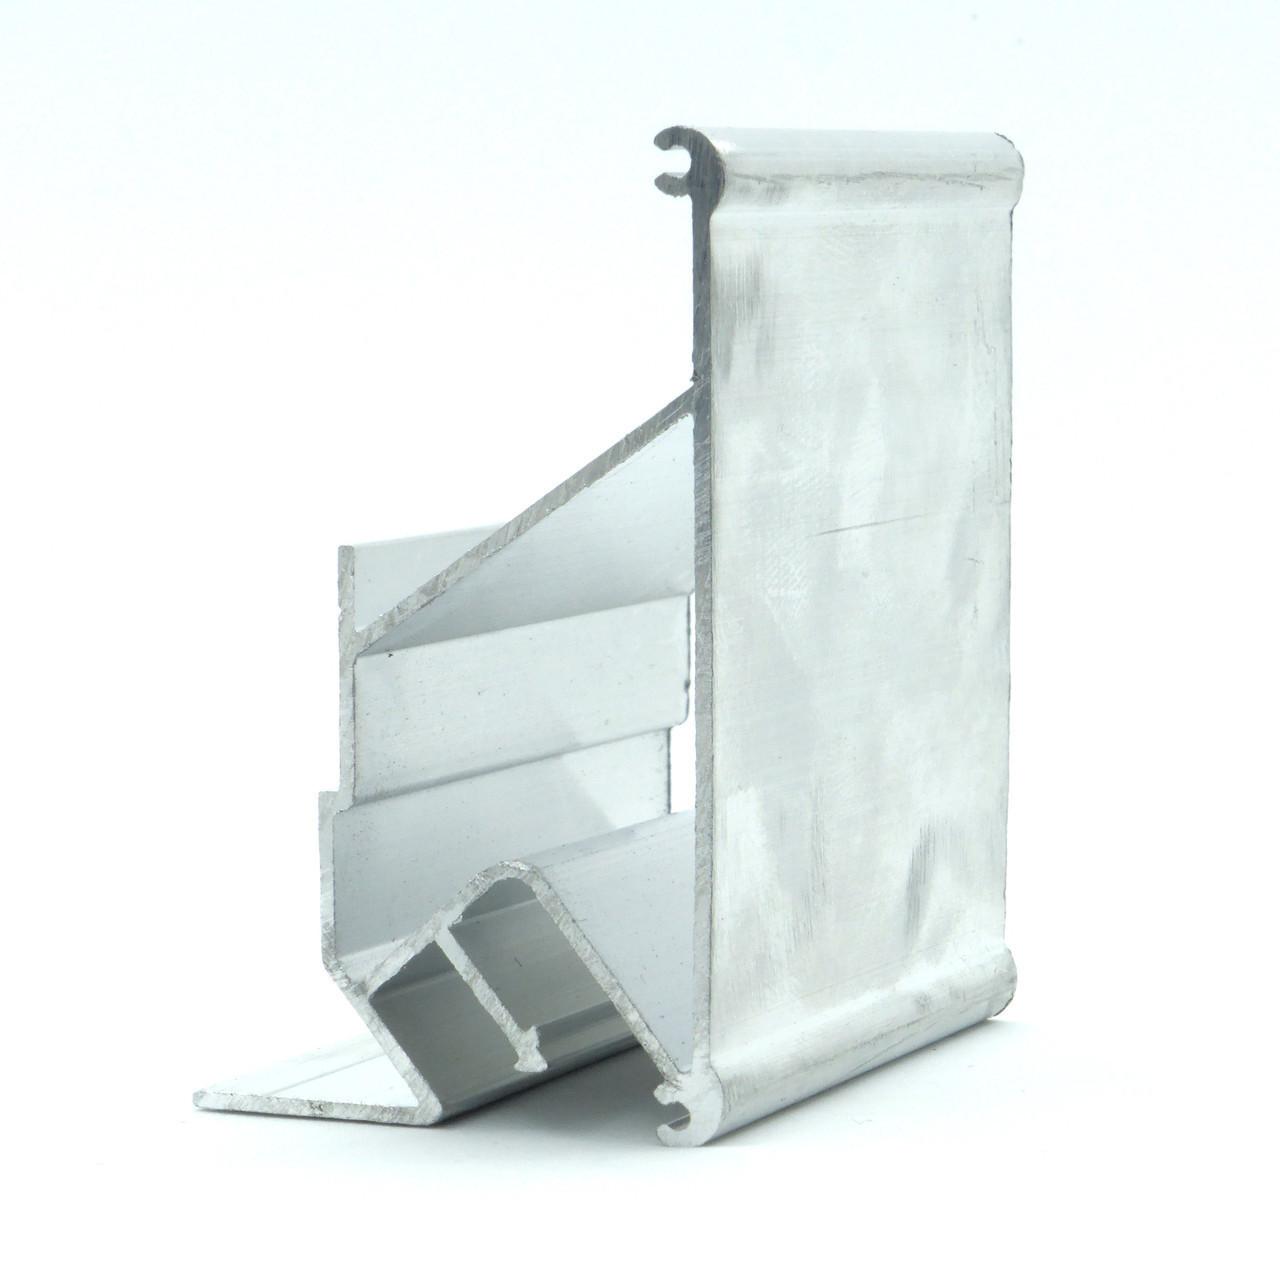 Профіль алюмінієвий для натяжних стель - дворівневий №3, безщелевой. Довжина профілю 2,5 м.